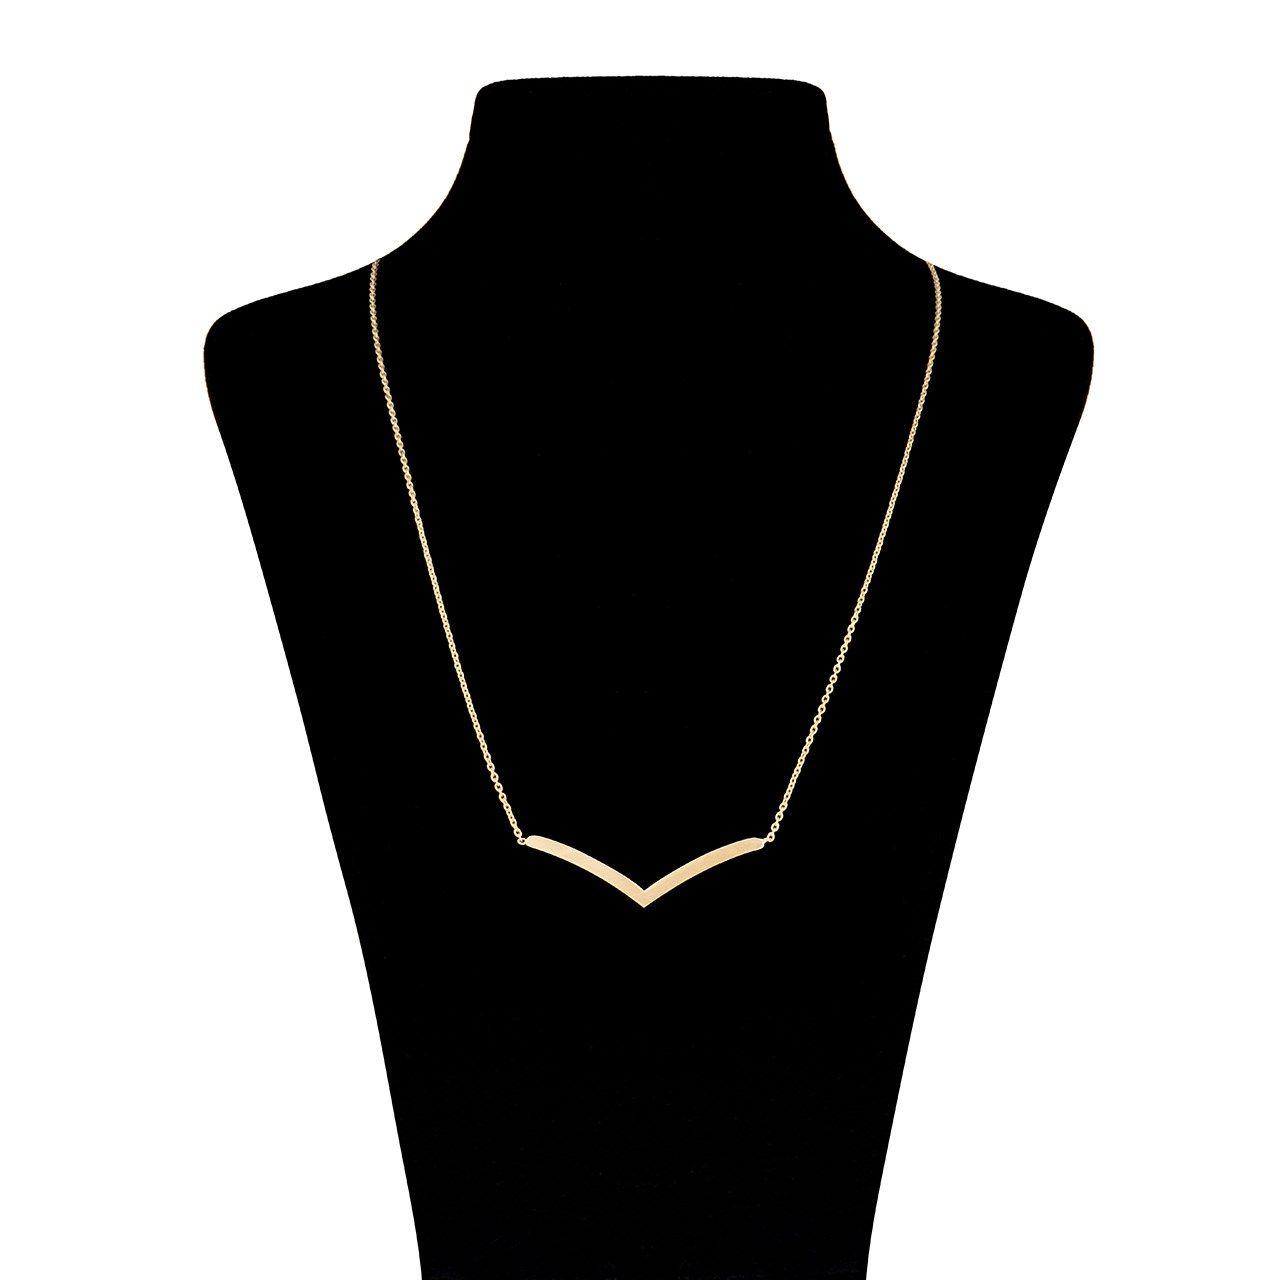 گردنبند طلا 18 عیار زنانه ماهک مدل MM0404 -  - 2